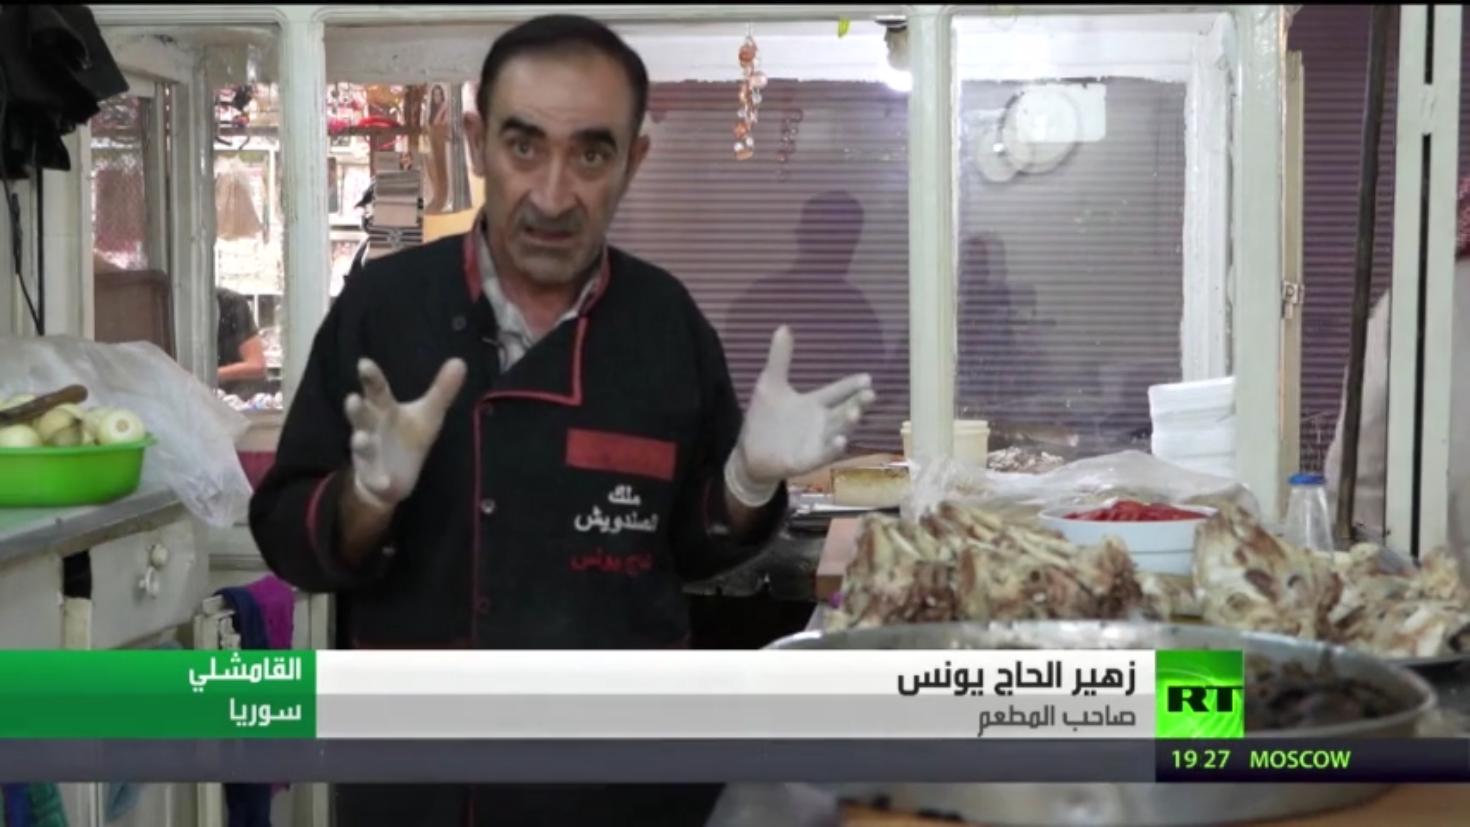 مطعم الحاج يونس بالقامشلي.. علامة فارقة